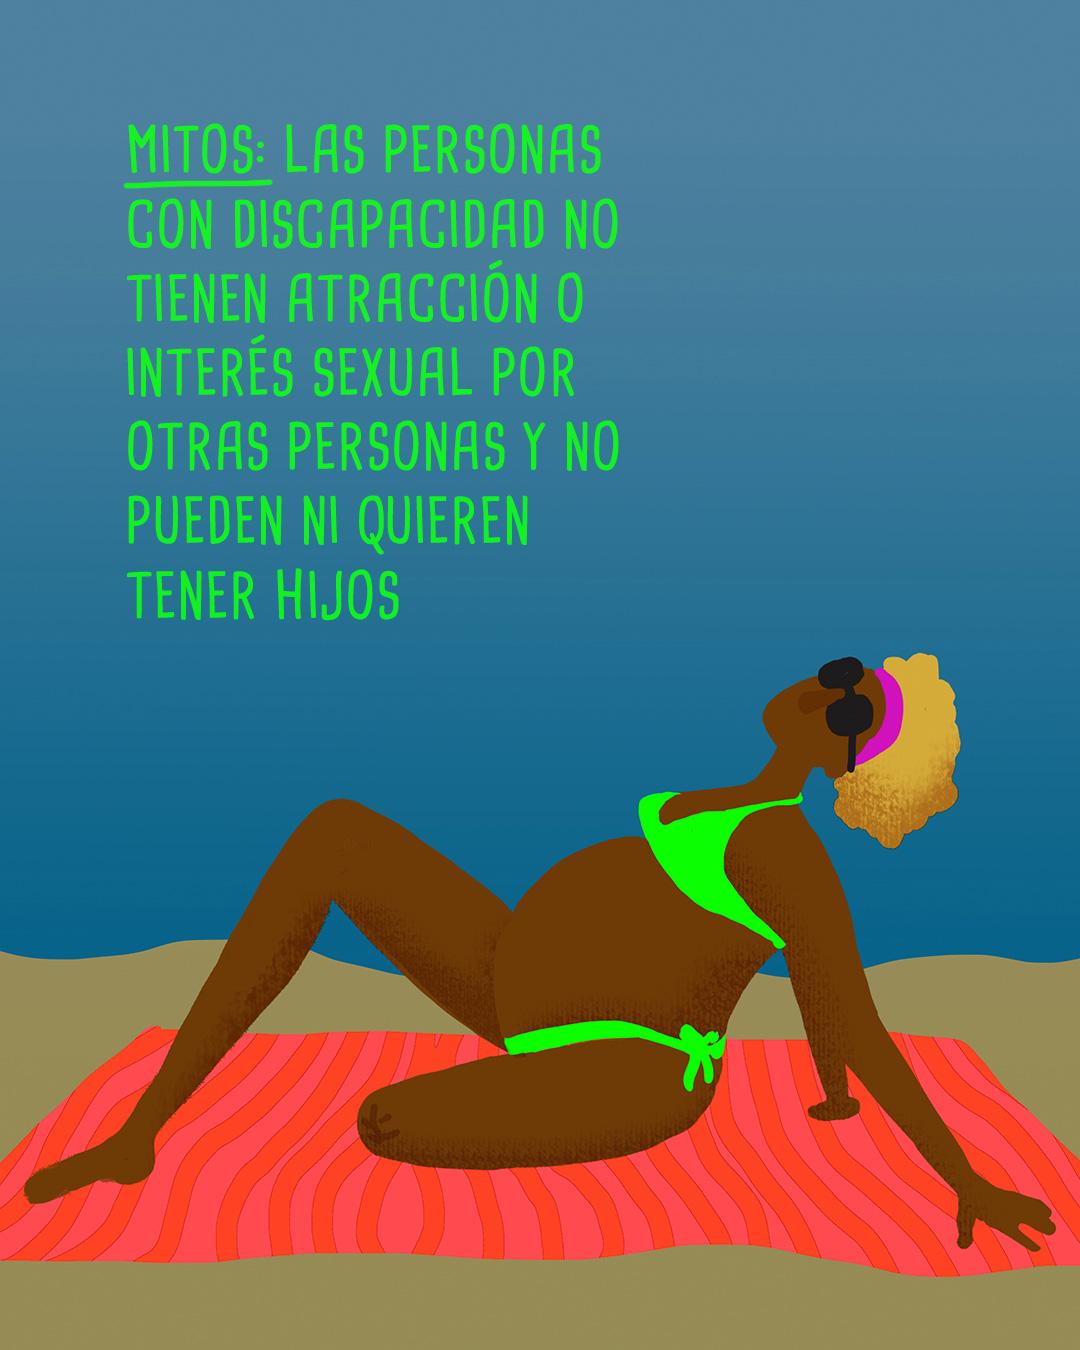 Ilustración de una mujer embarazada con muñón, recostada en la playa y un texto que dice, mitos: las personas con discapacidad no tienen atracción o interés sexual por otras personas y no pueden ni quieren tener hijos.